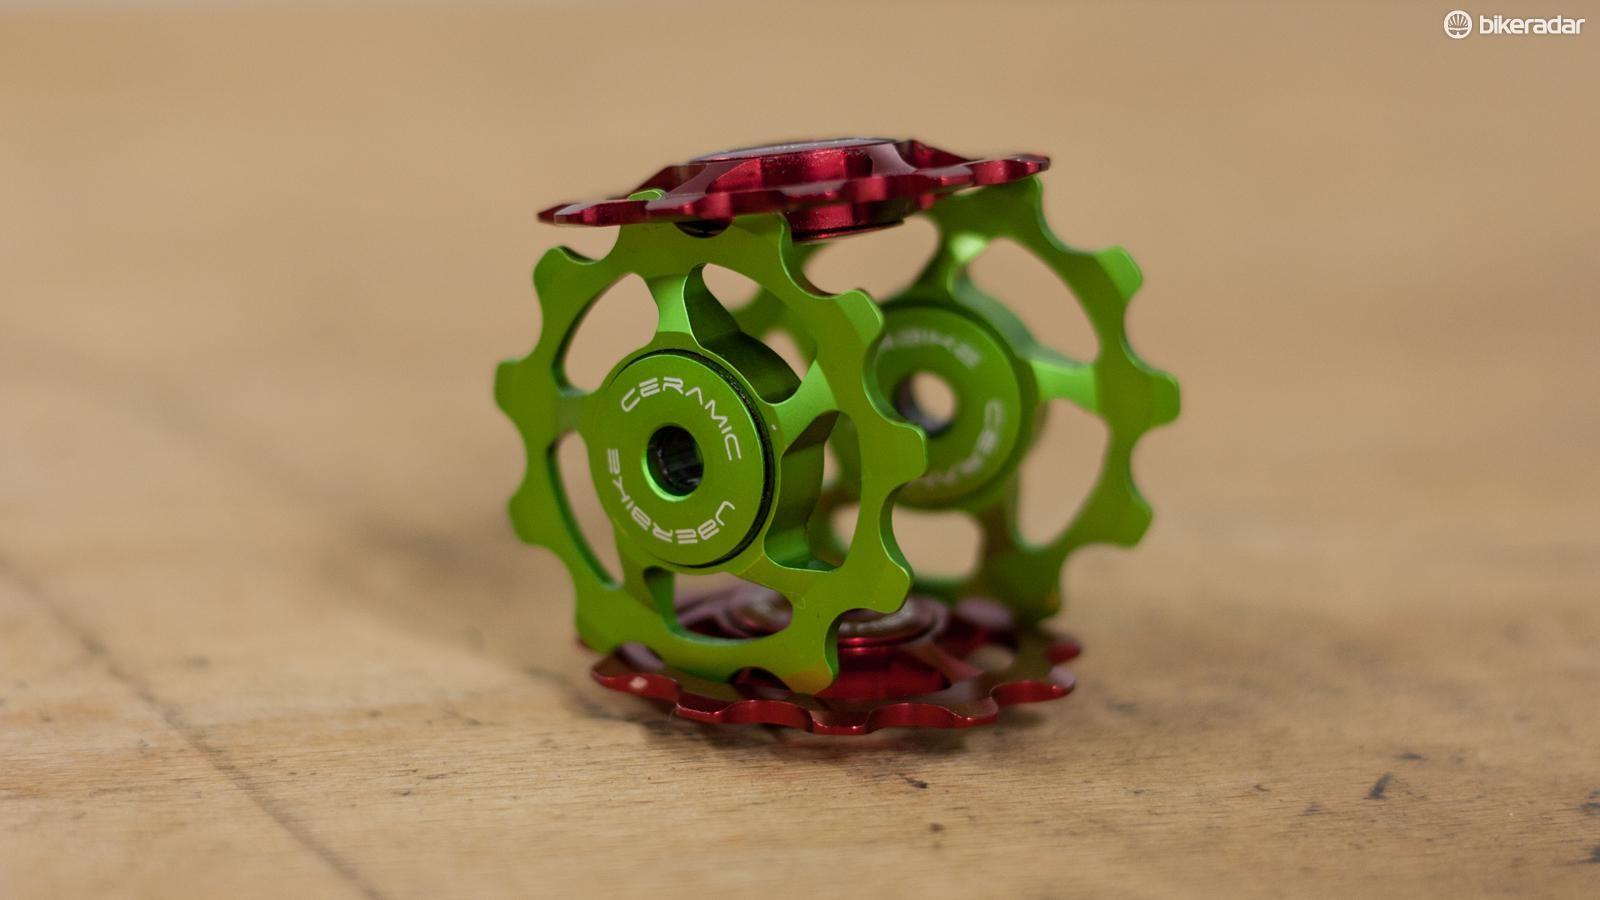 Uberbike ceramic jockey wheels